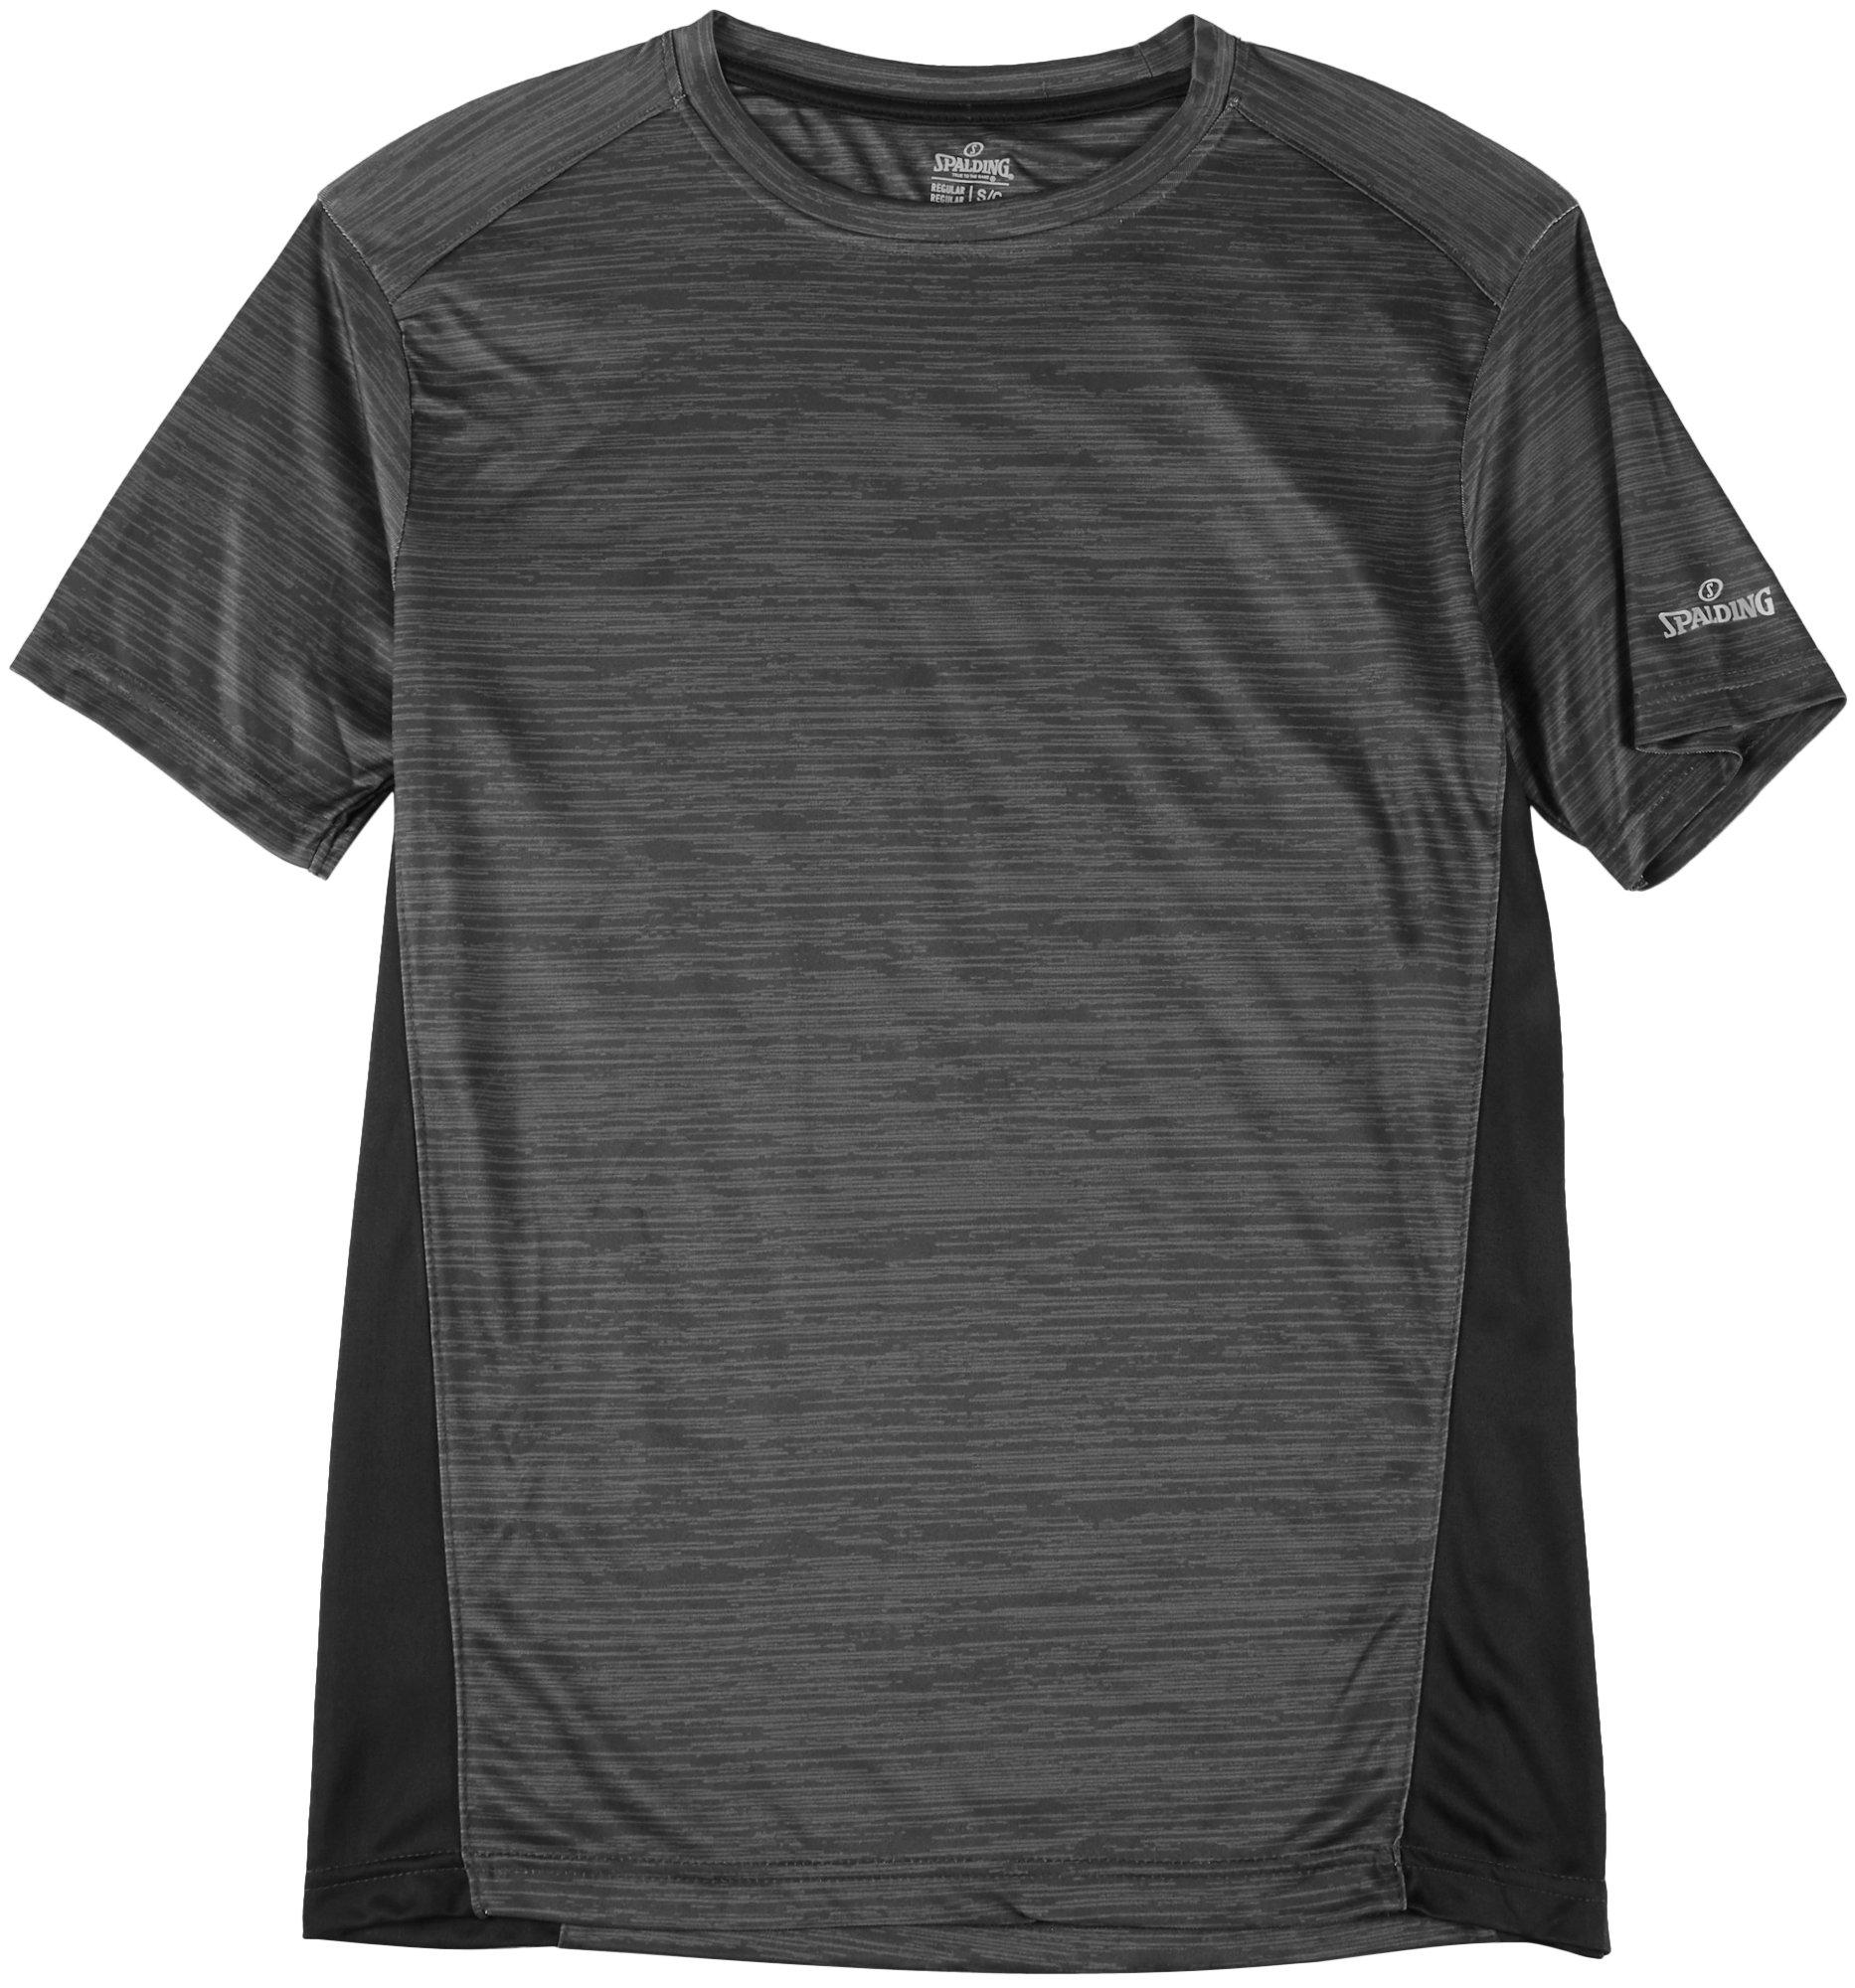 Primavera//Verano Color Grau Melange//Schwarz Spalding Street Camiseta de Tiempo Libre Unisex tama/ño Large